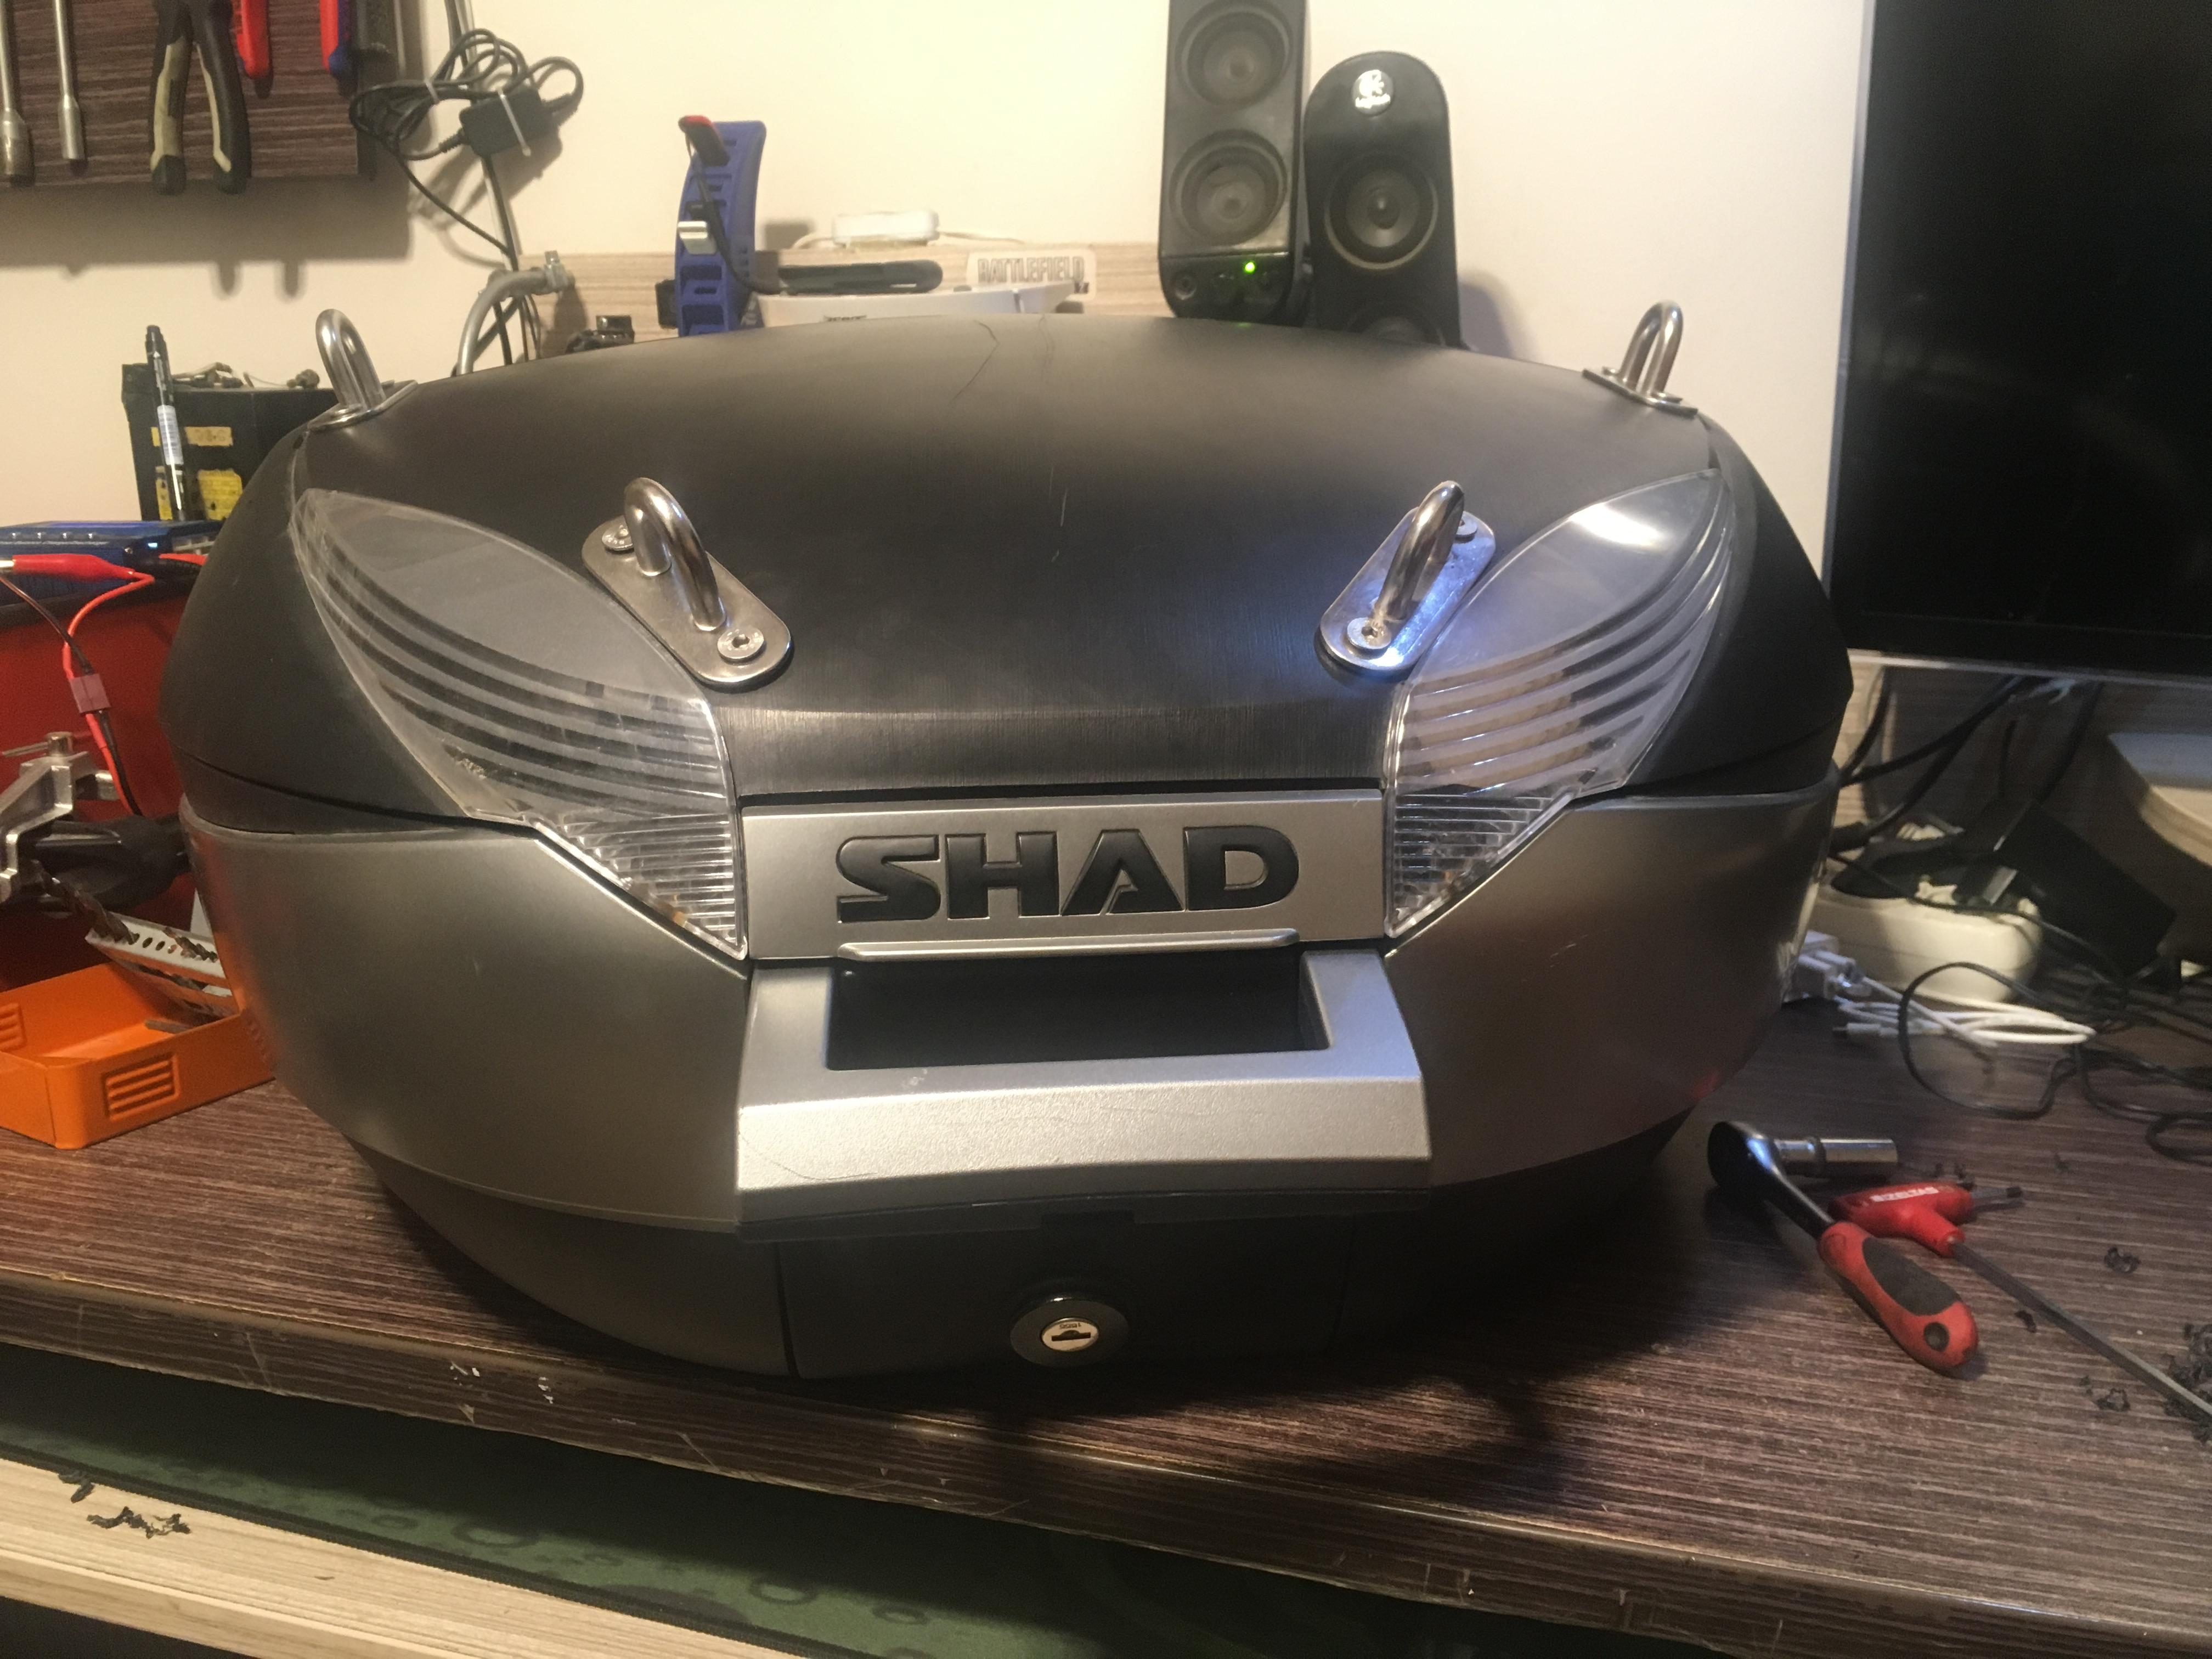 Shad sh48 Topcase Aydınlatma ,Usb Girişi Ve Yük Taşıma Demiri Uygulaması Sh48 Modifikasyonu